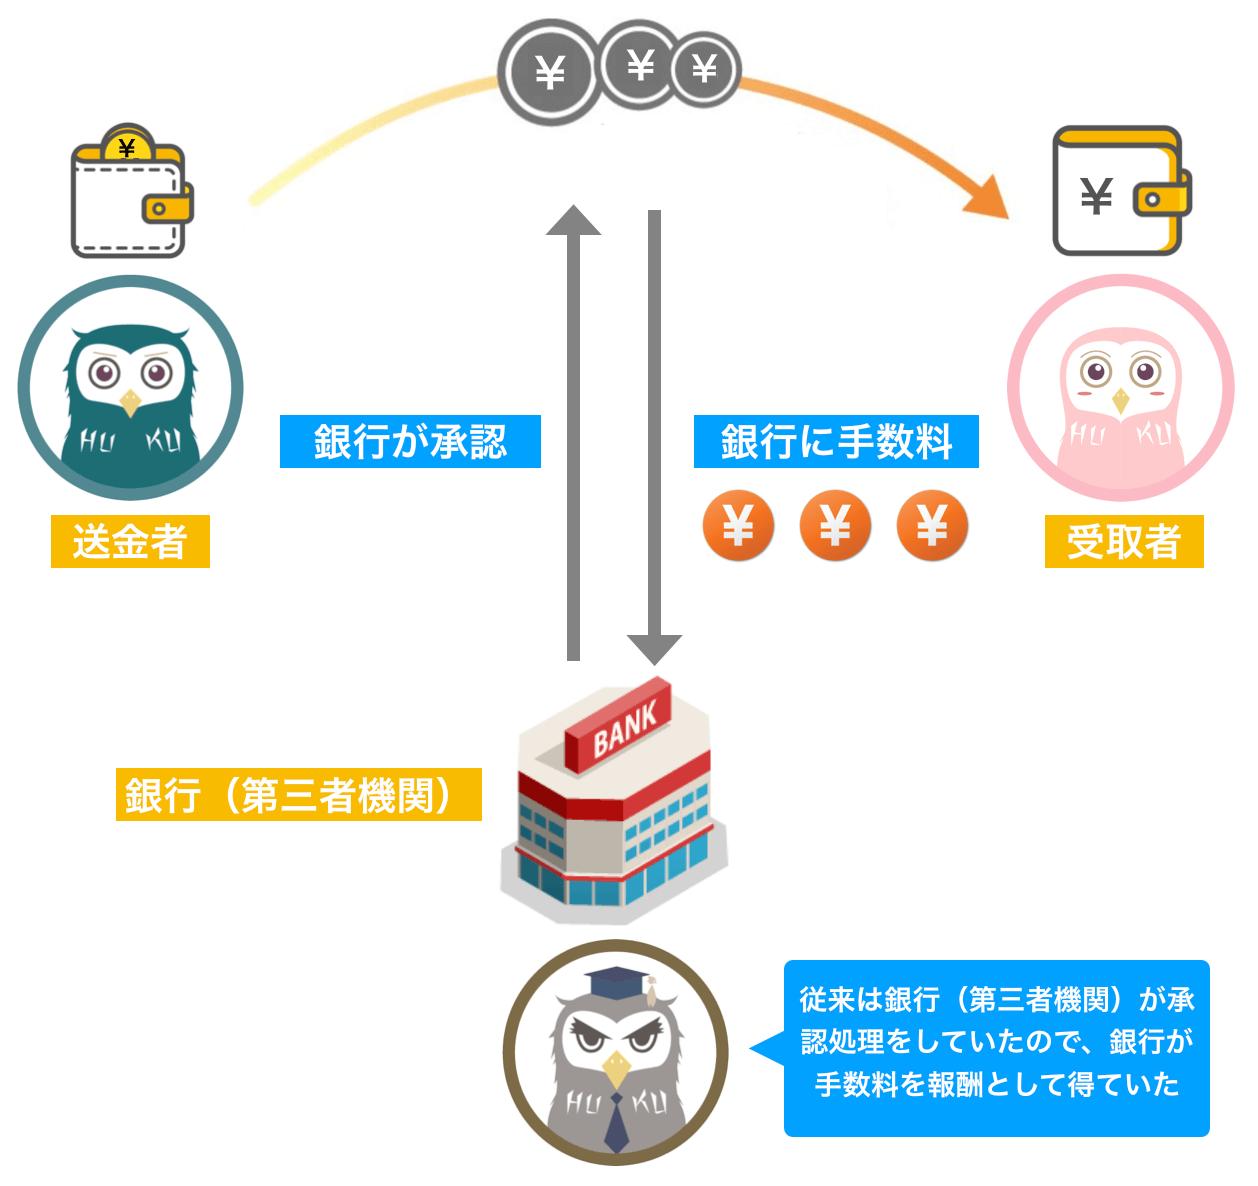 従来の記録管理(集中型)